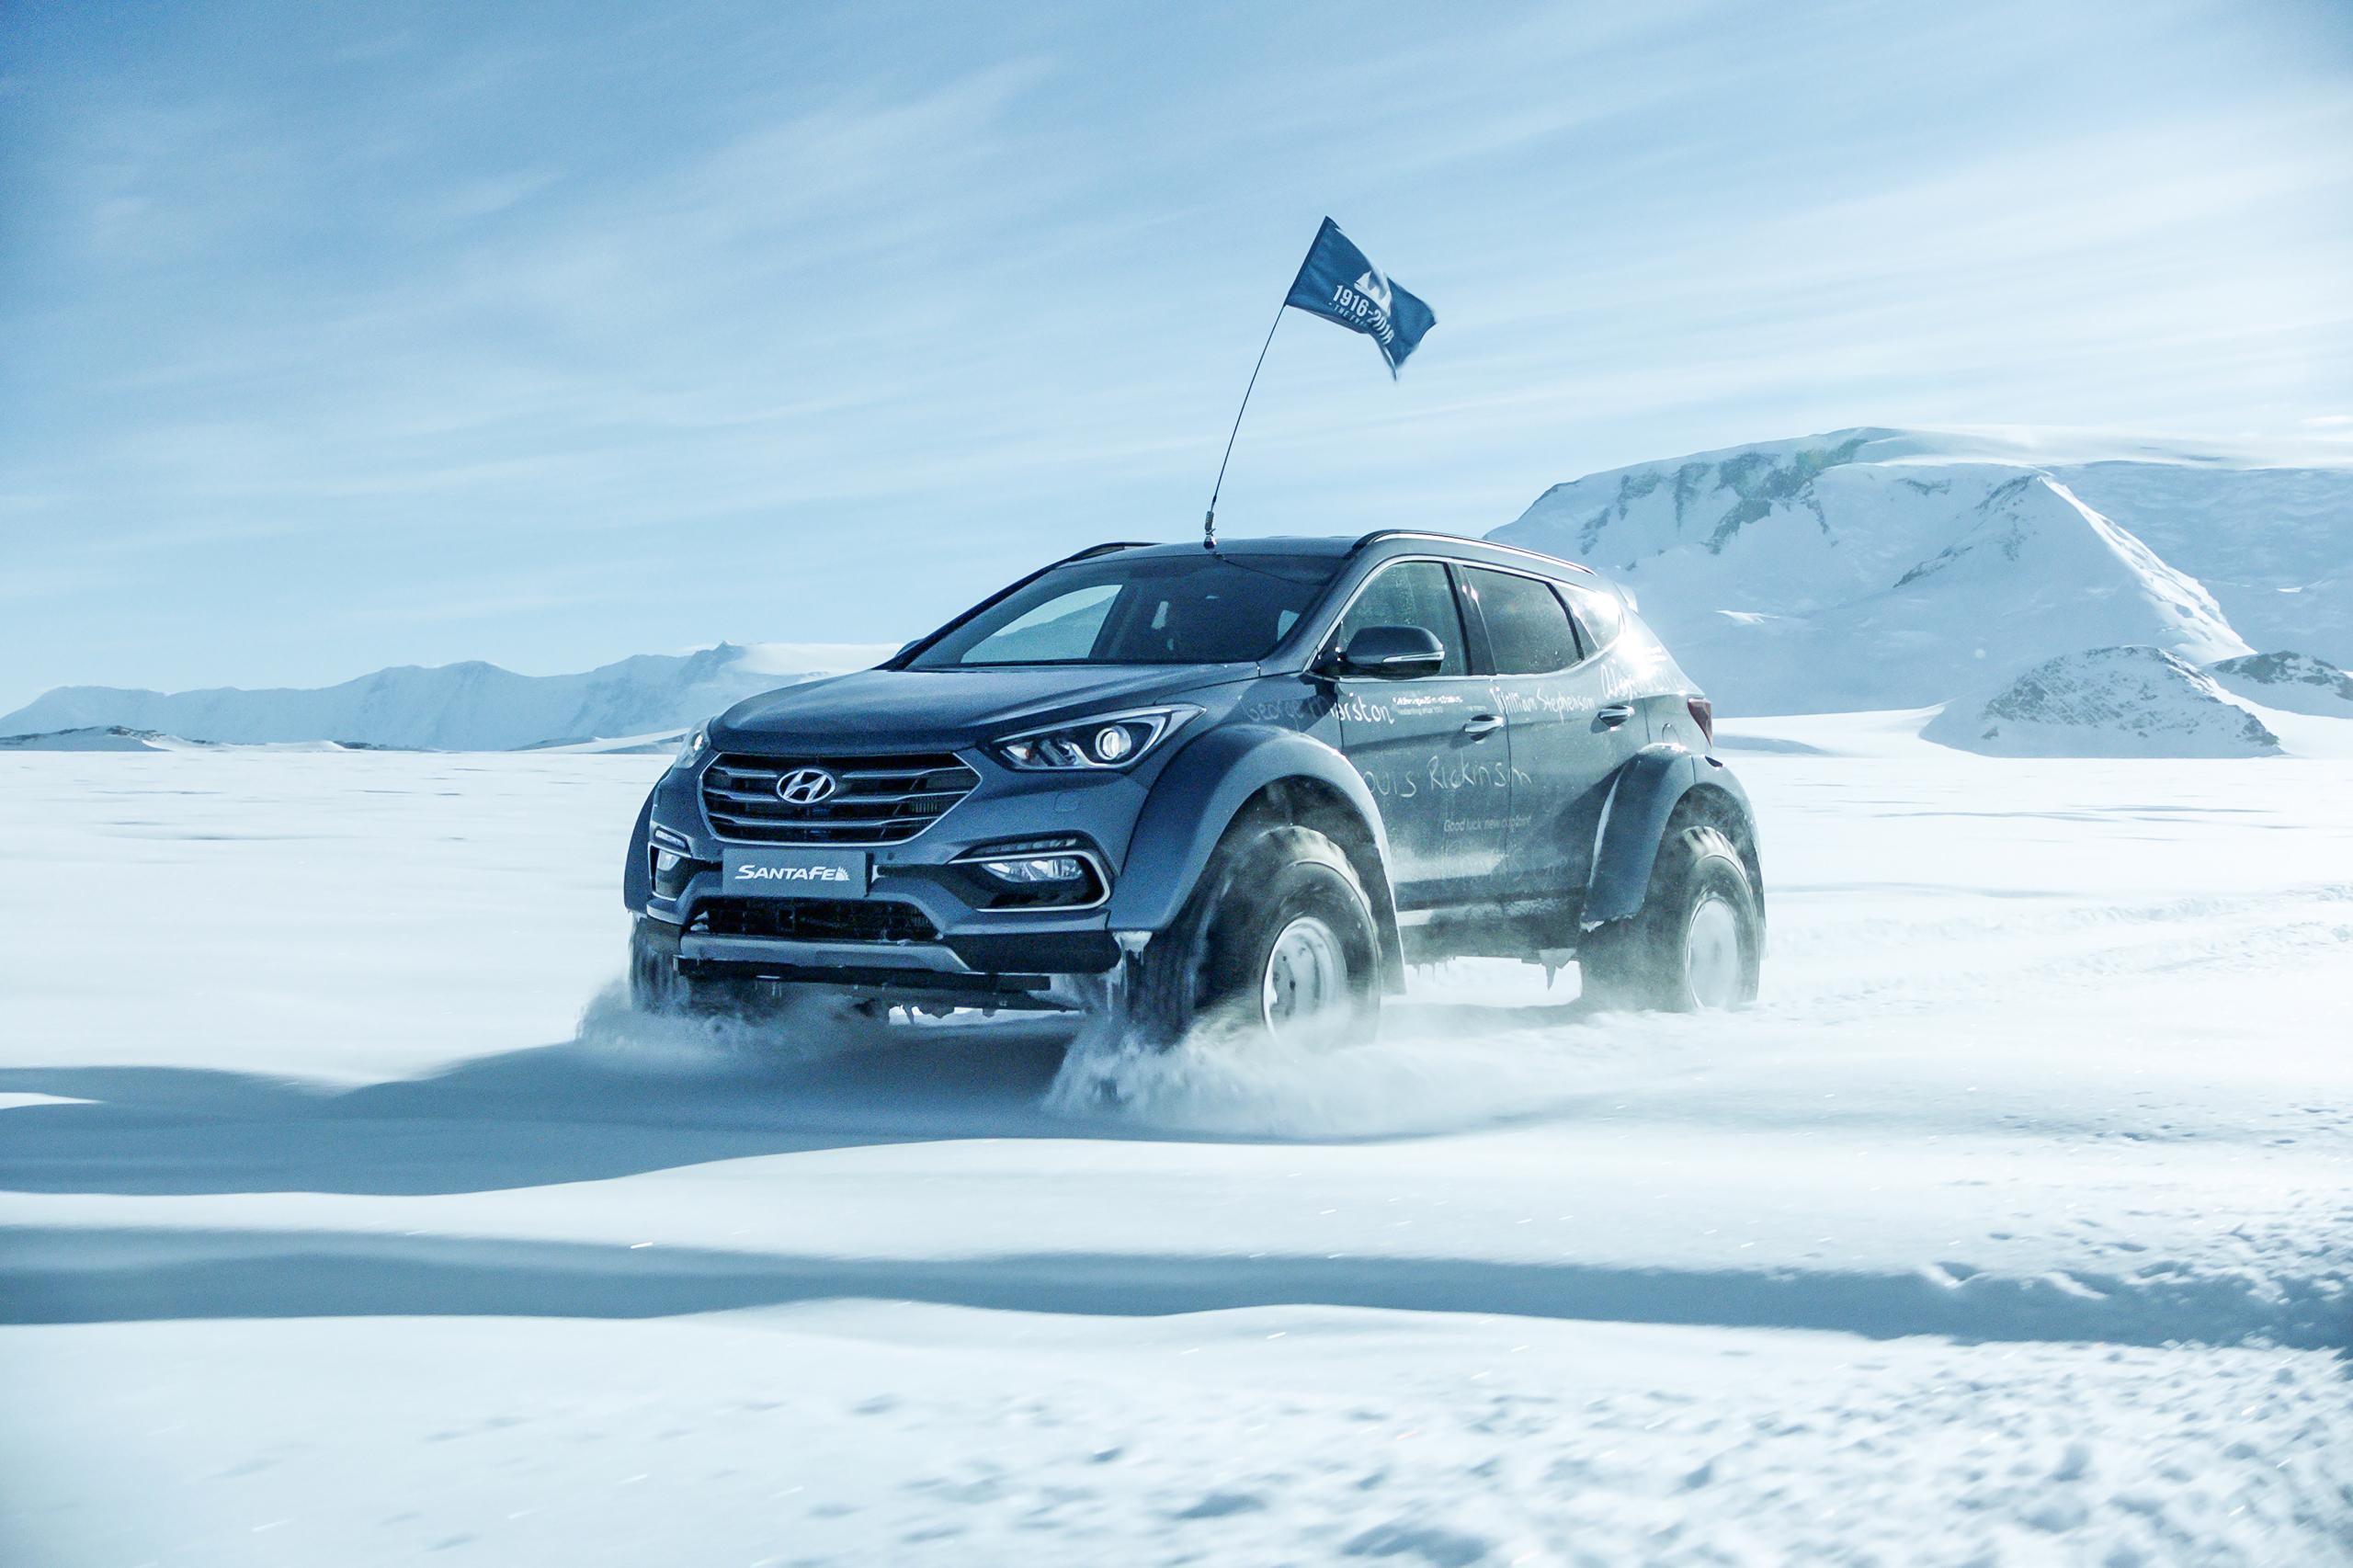 Antarctic Hyundai Santa Fe